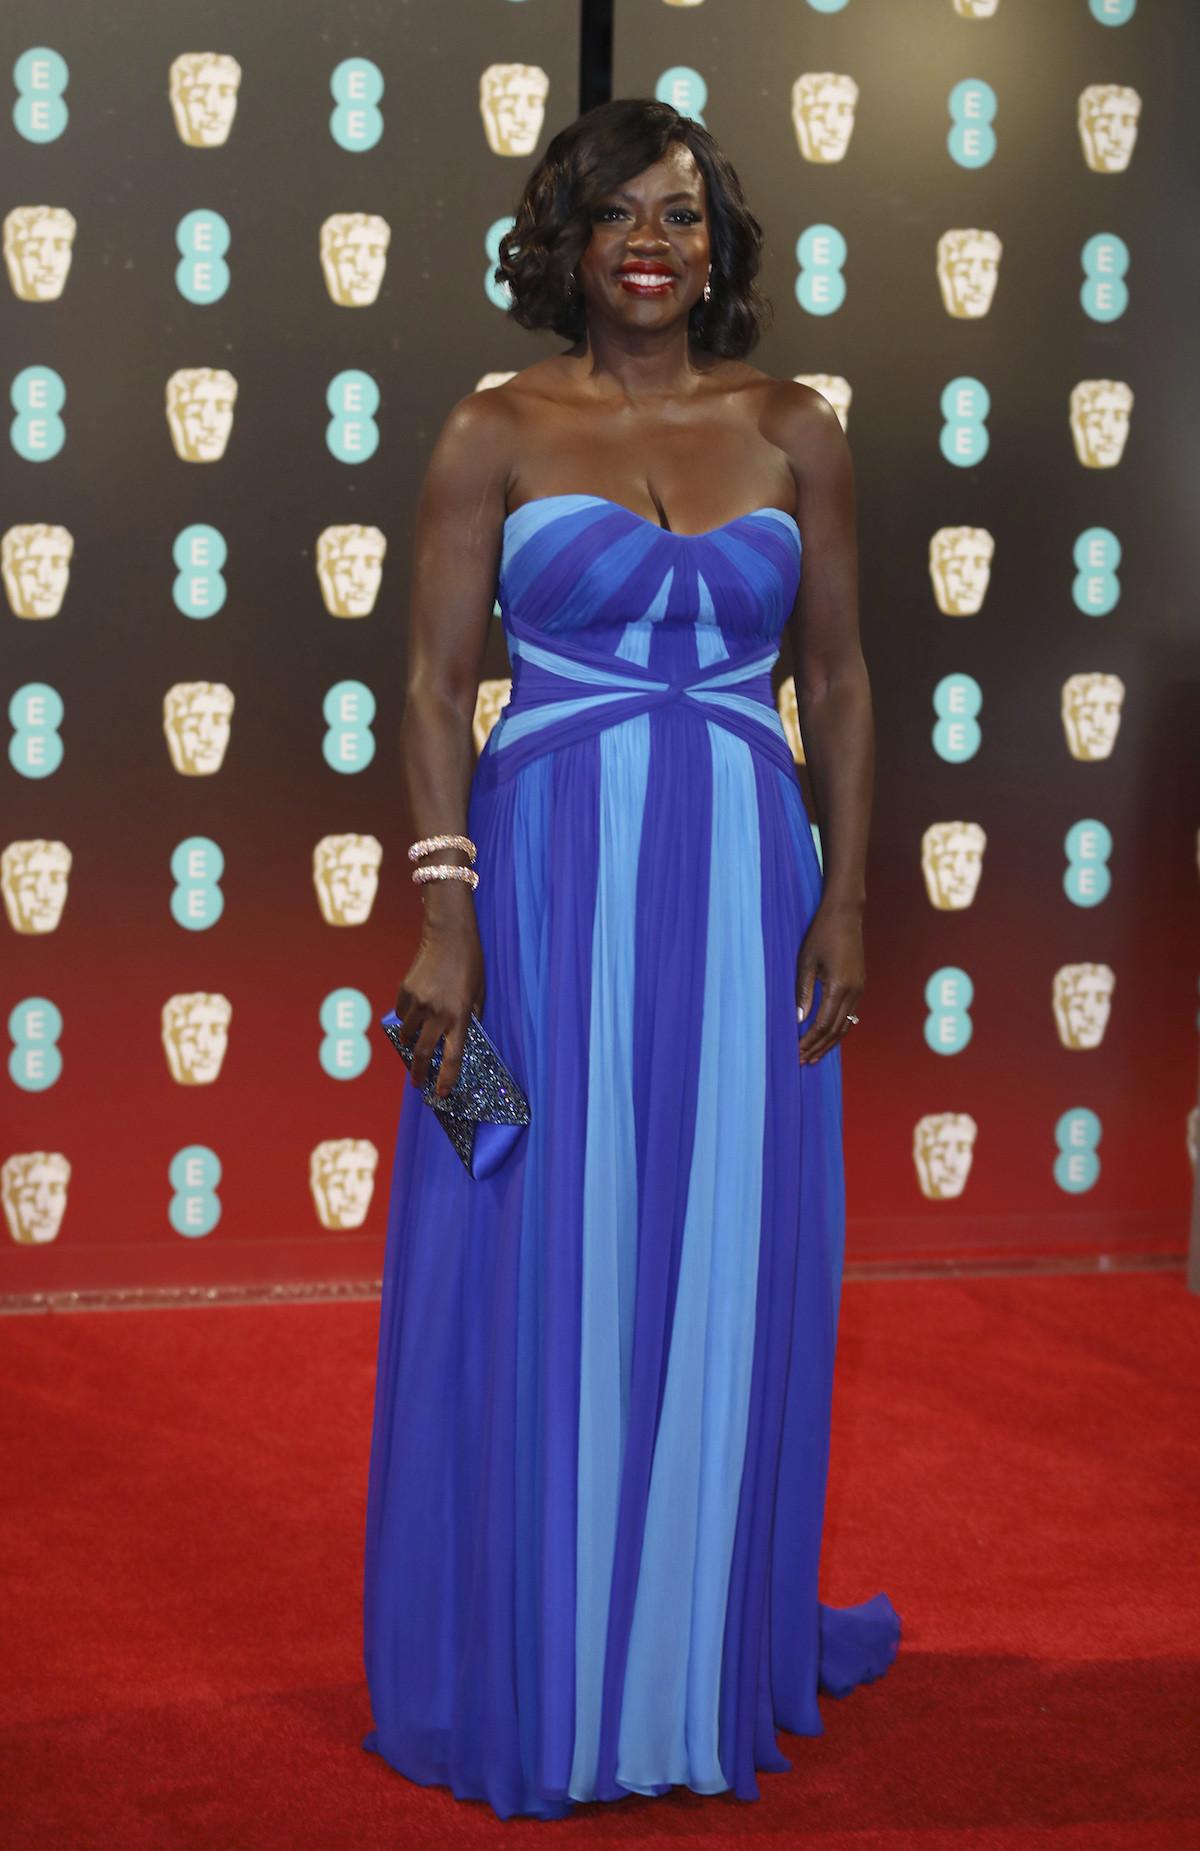 Viola Davis - nagyon kék Jenny Packham ruhában. Jól áll neki.